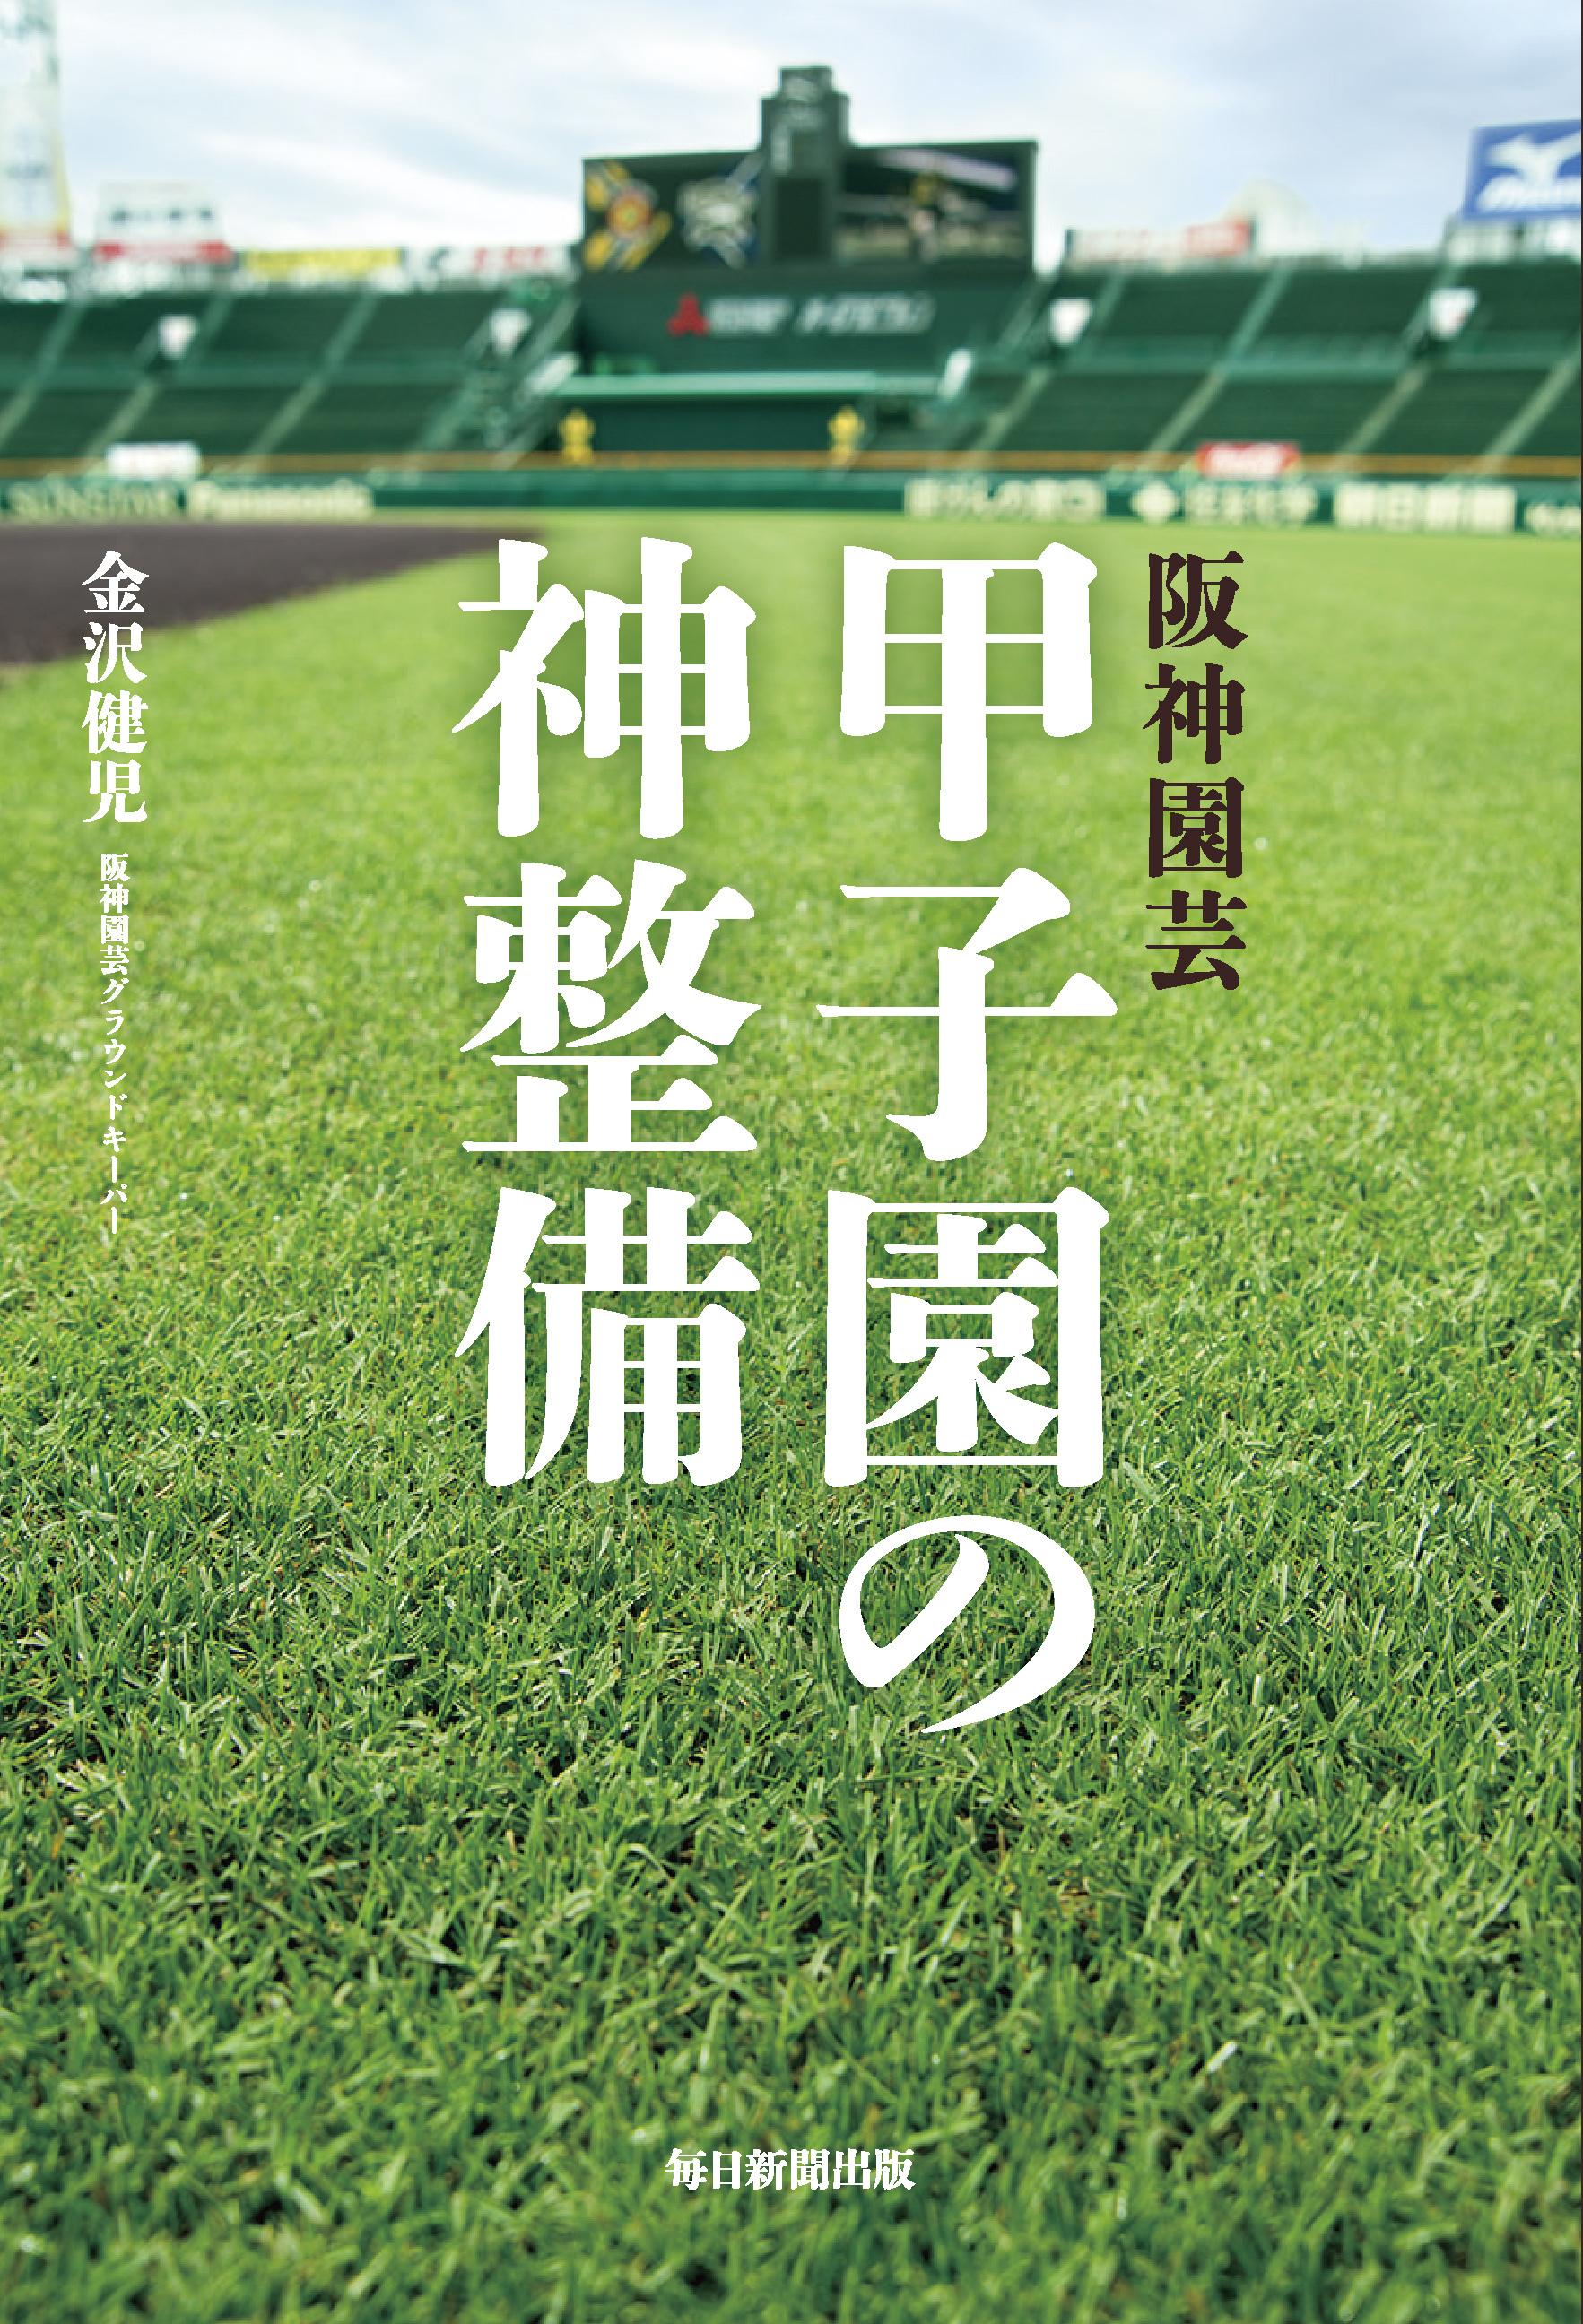 書影:阪神園芸 甲子園の神整備